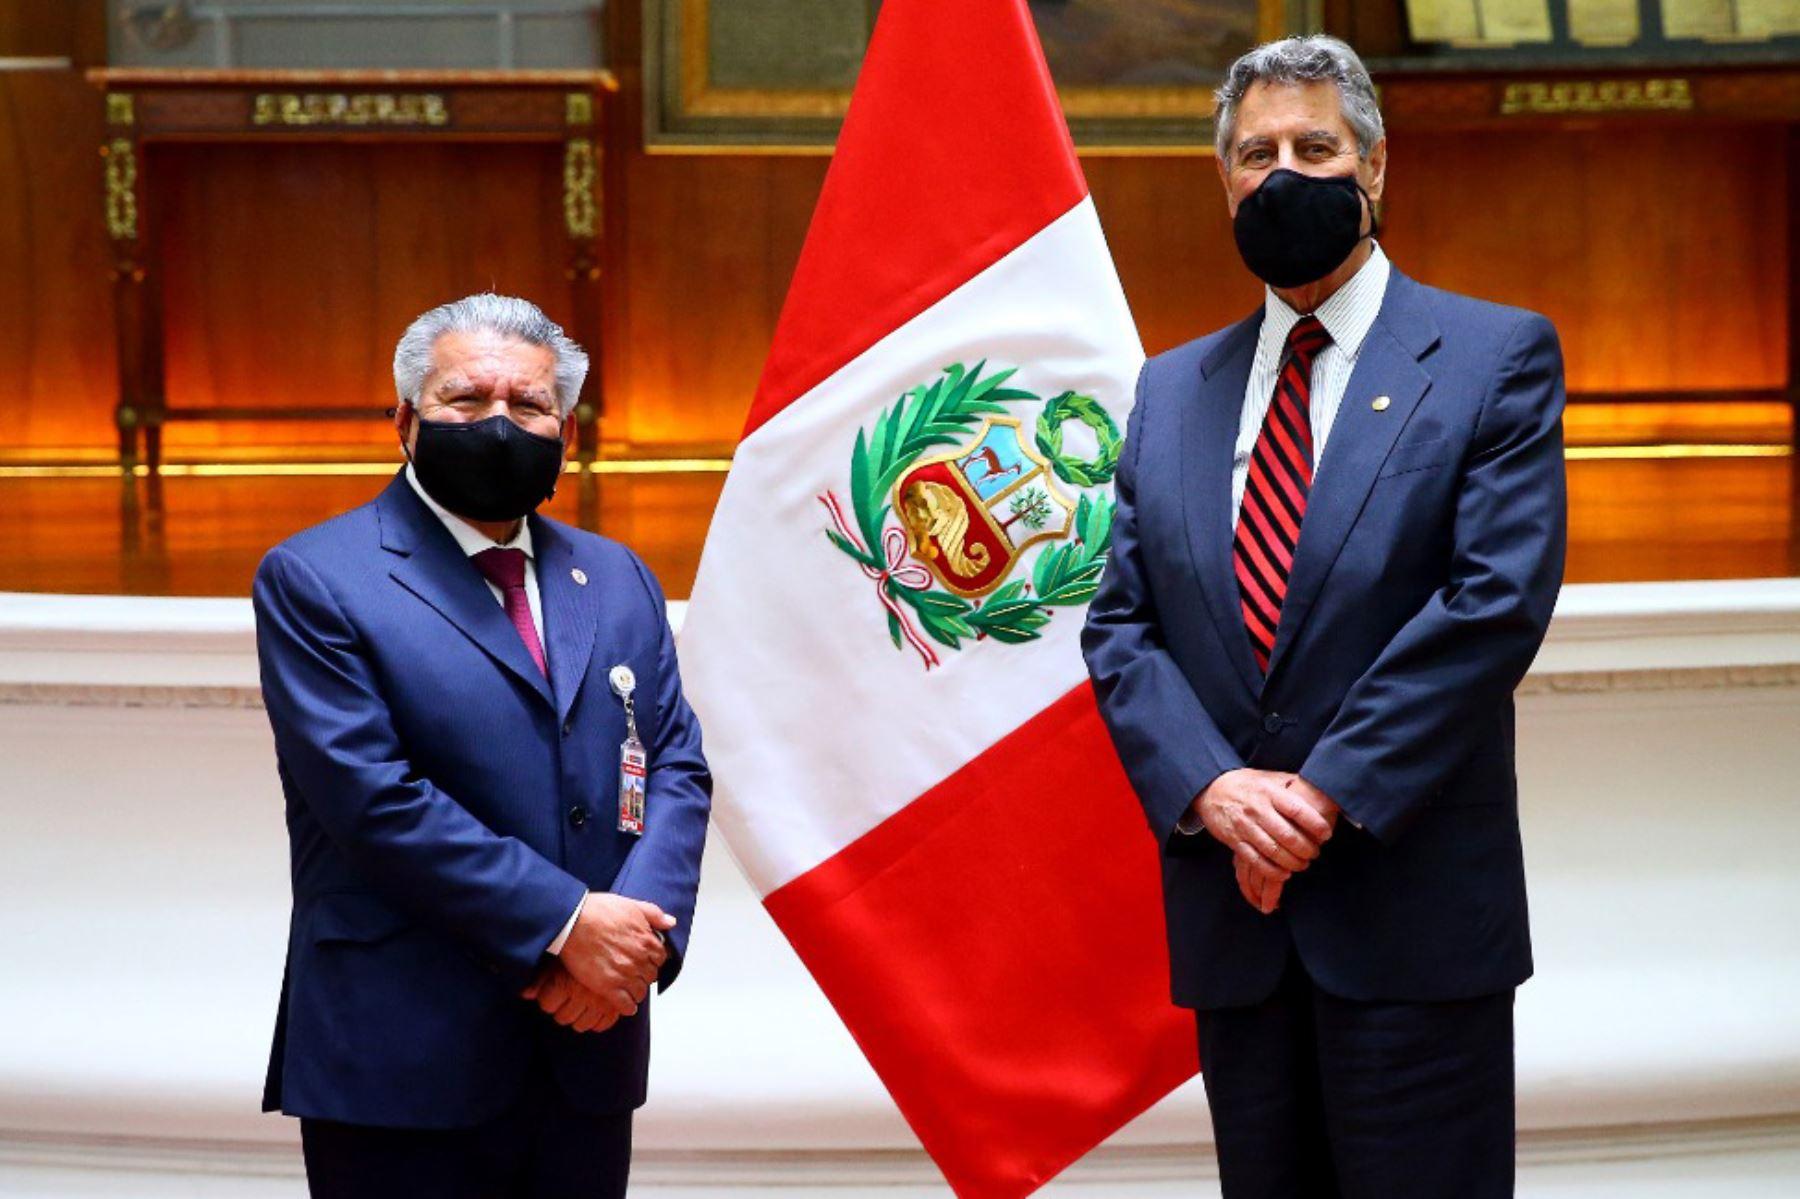 El presidente de la República, Francisco Sagasti, se reunió con el líder del partido Alianza para el Progreso, César Acuña, en Palacio de Gobierno.   Foto: ANDINA/ Prensa Presidencia